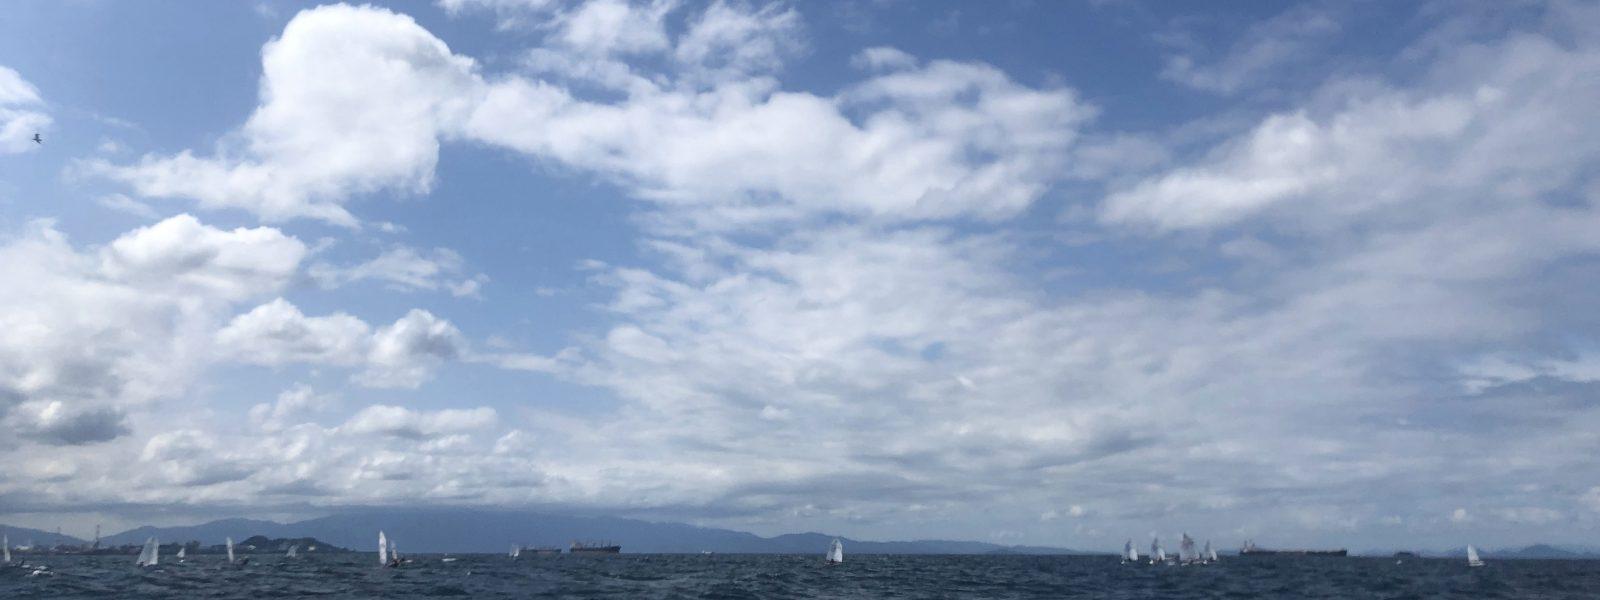 愛媛県セーリング連盟